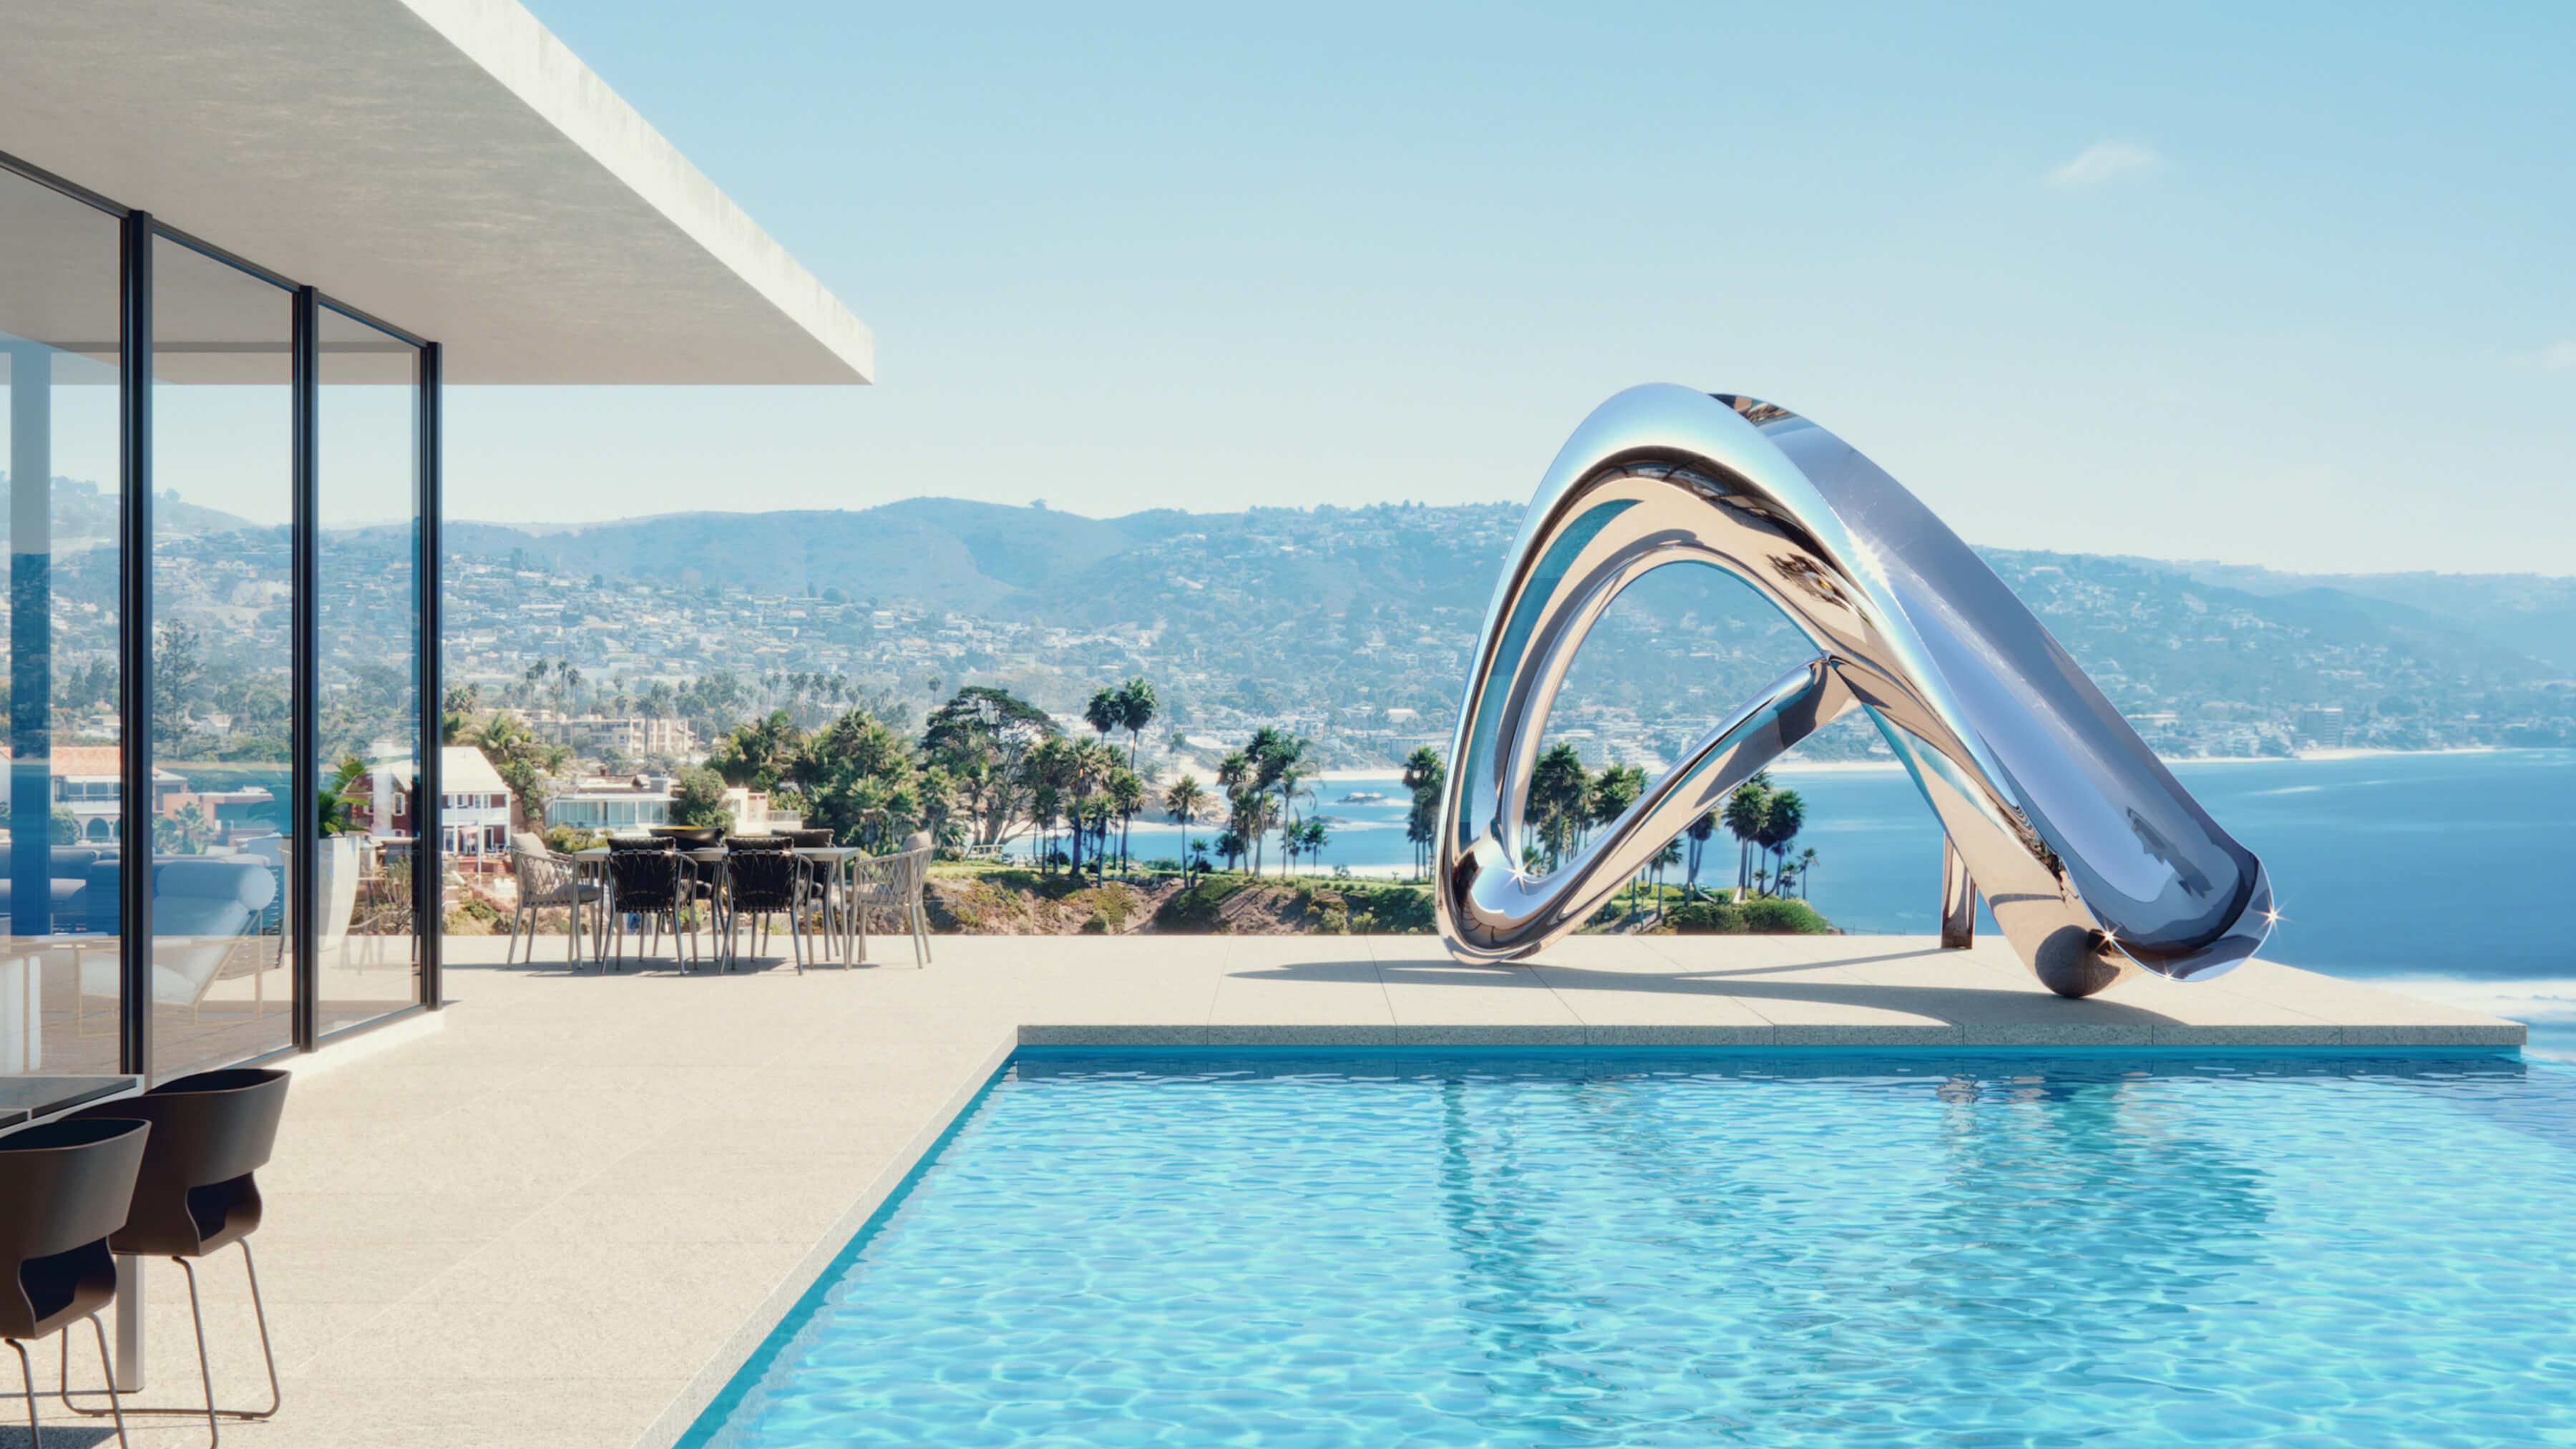 Los Angeles pool side sculpture and water slide by Splinterworks.